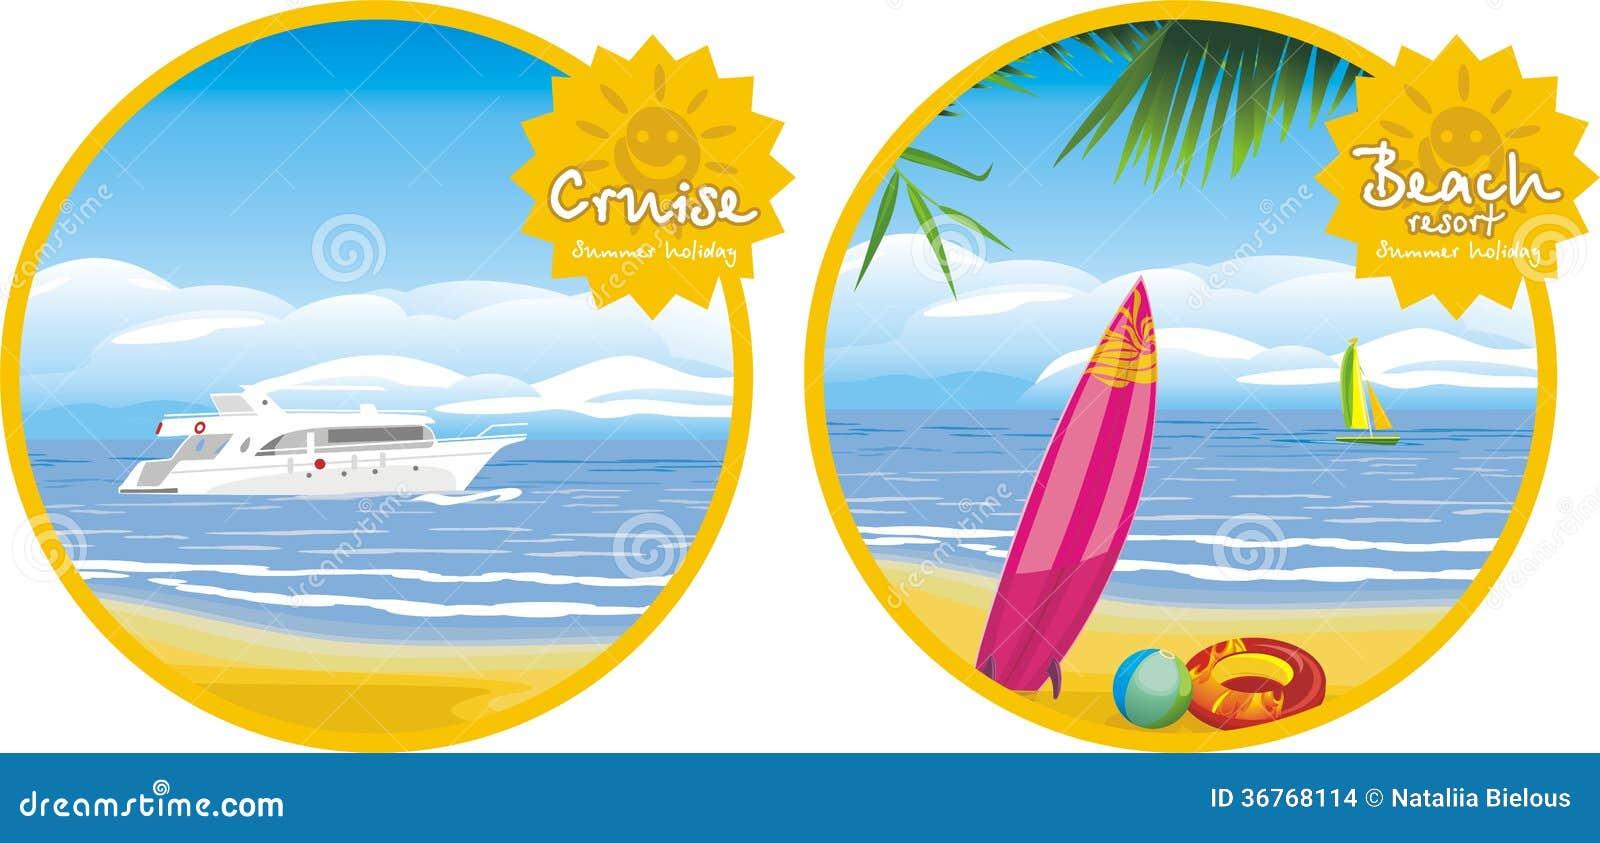 Летний отпуск. Круиз и пляжный комплекс. Значки для